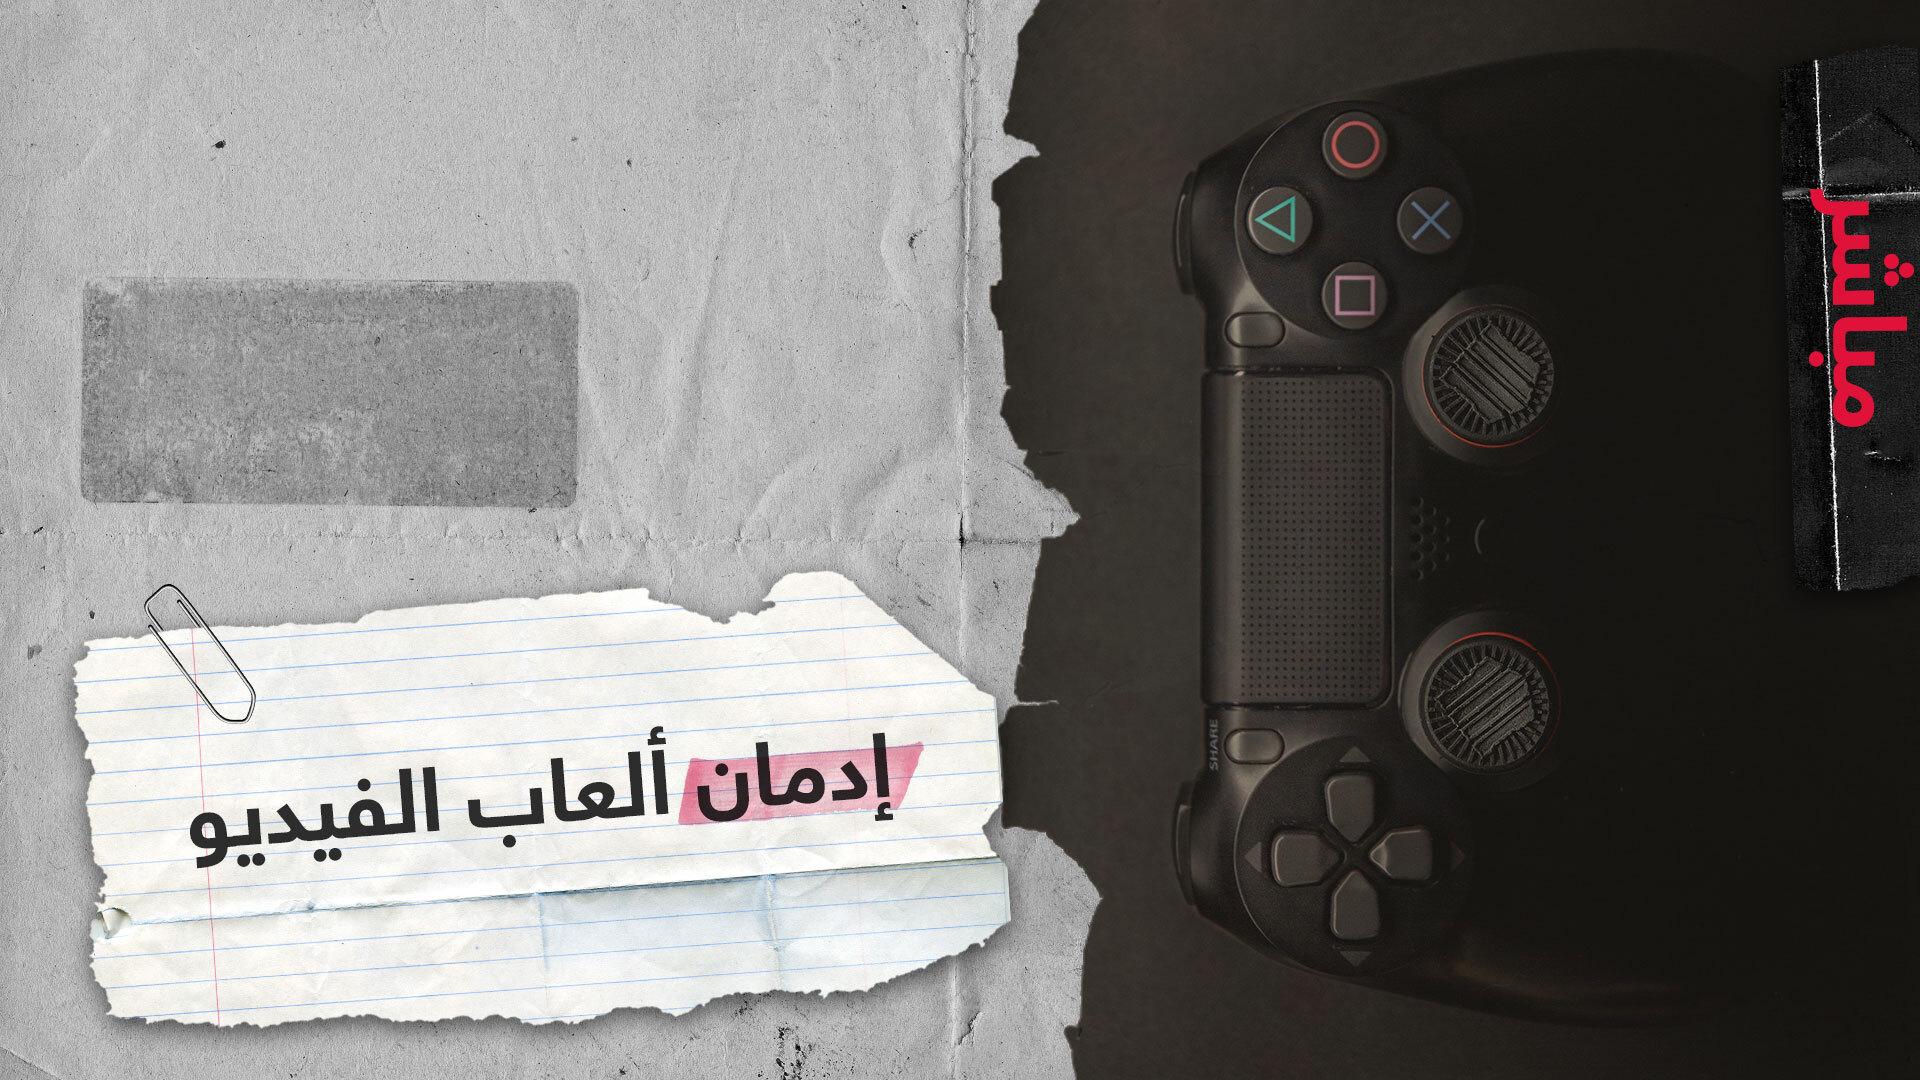 إدمان الشباب ألعاب الفيديو.. مرض يدخل البيوت في غفلة